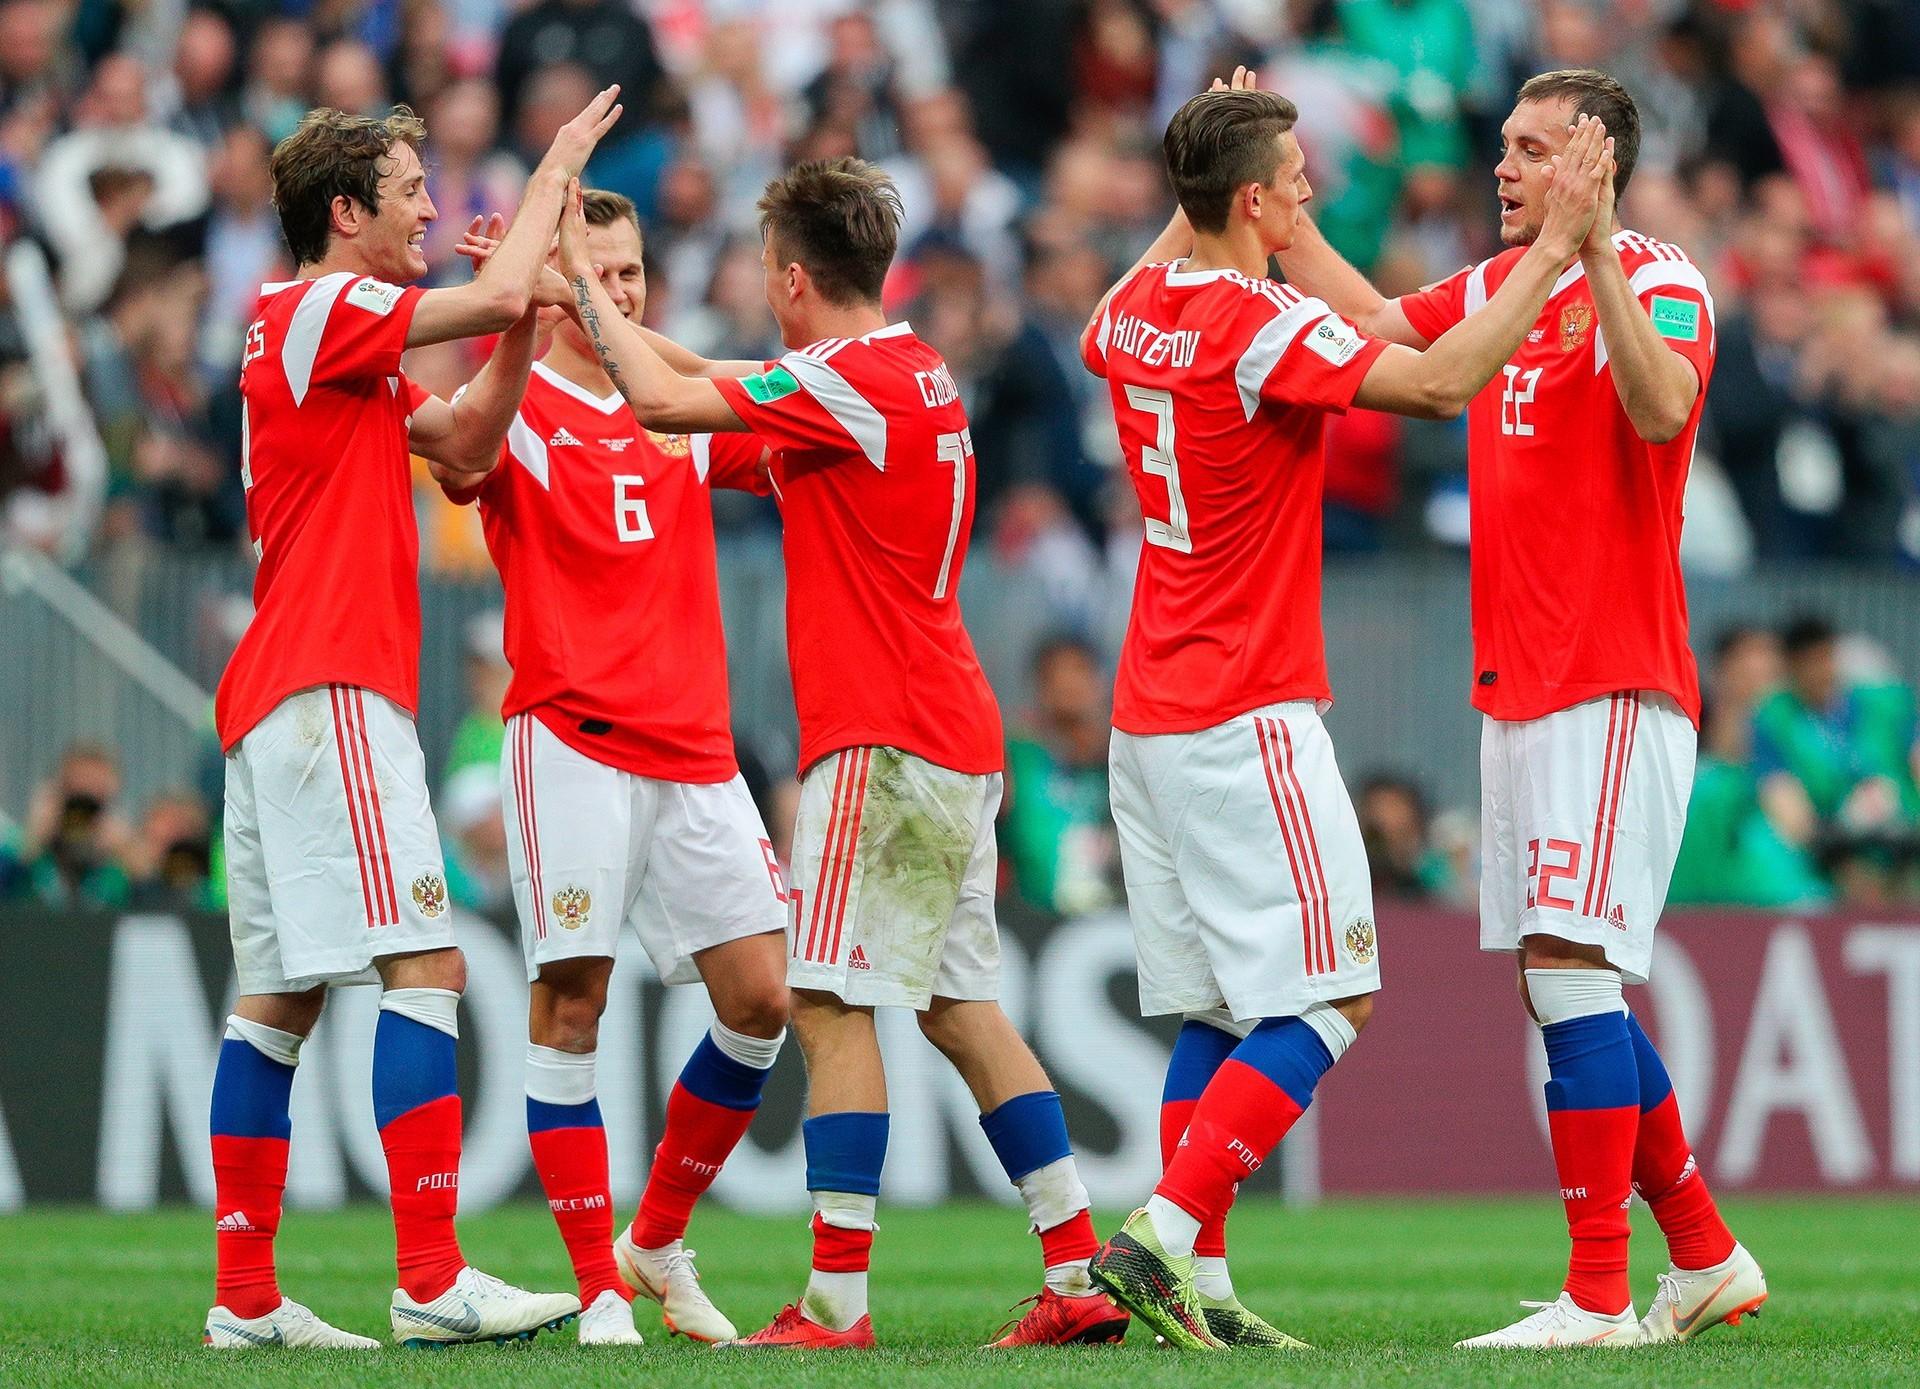 Veselje ruskih nogometašev po zmagi nad Savdsko Arabijo.